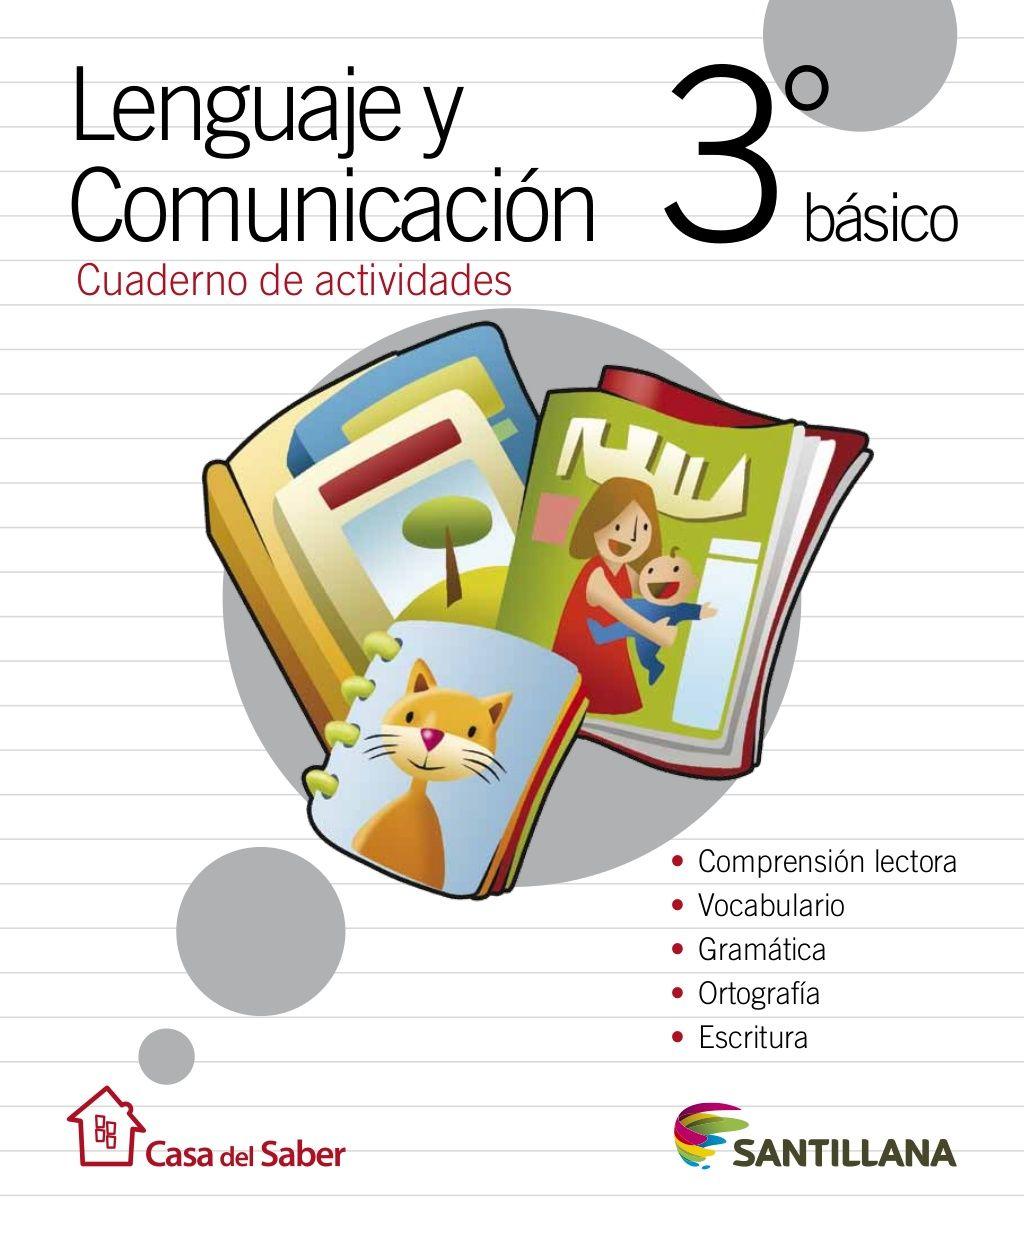 Cuaderno De Actividades Lenguaje Y Comunicacion Basico3